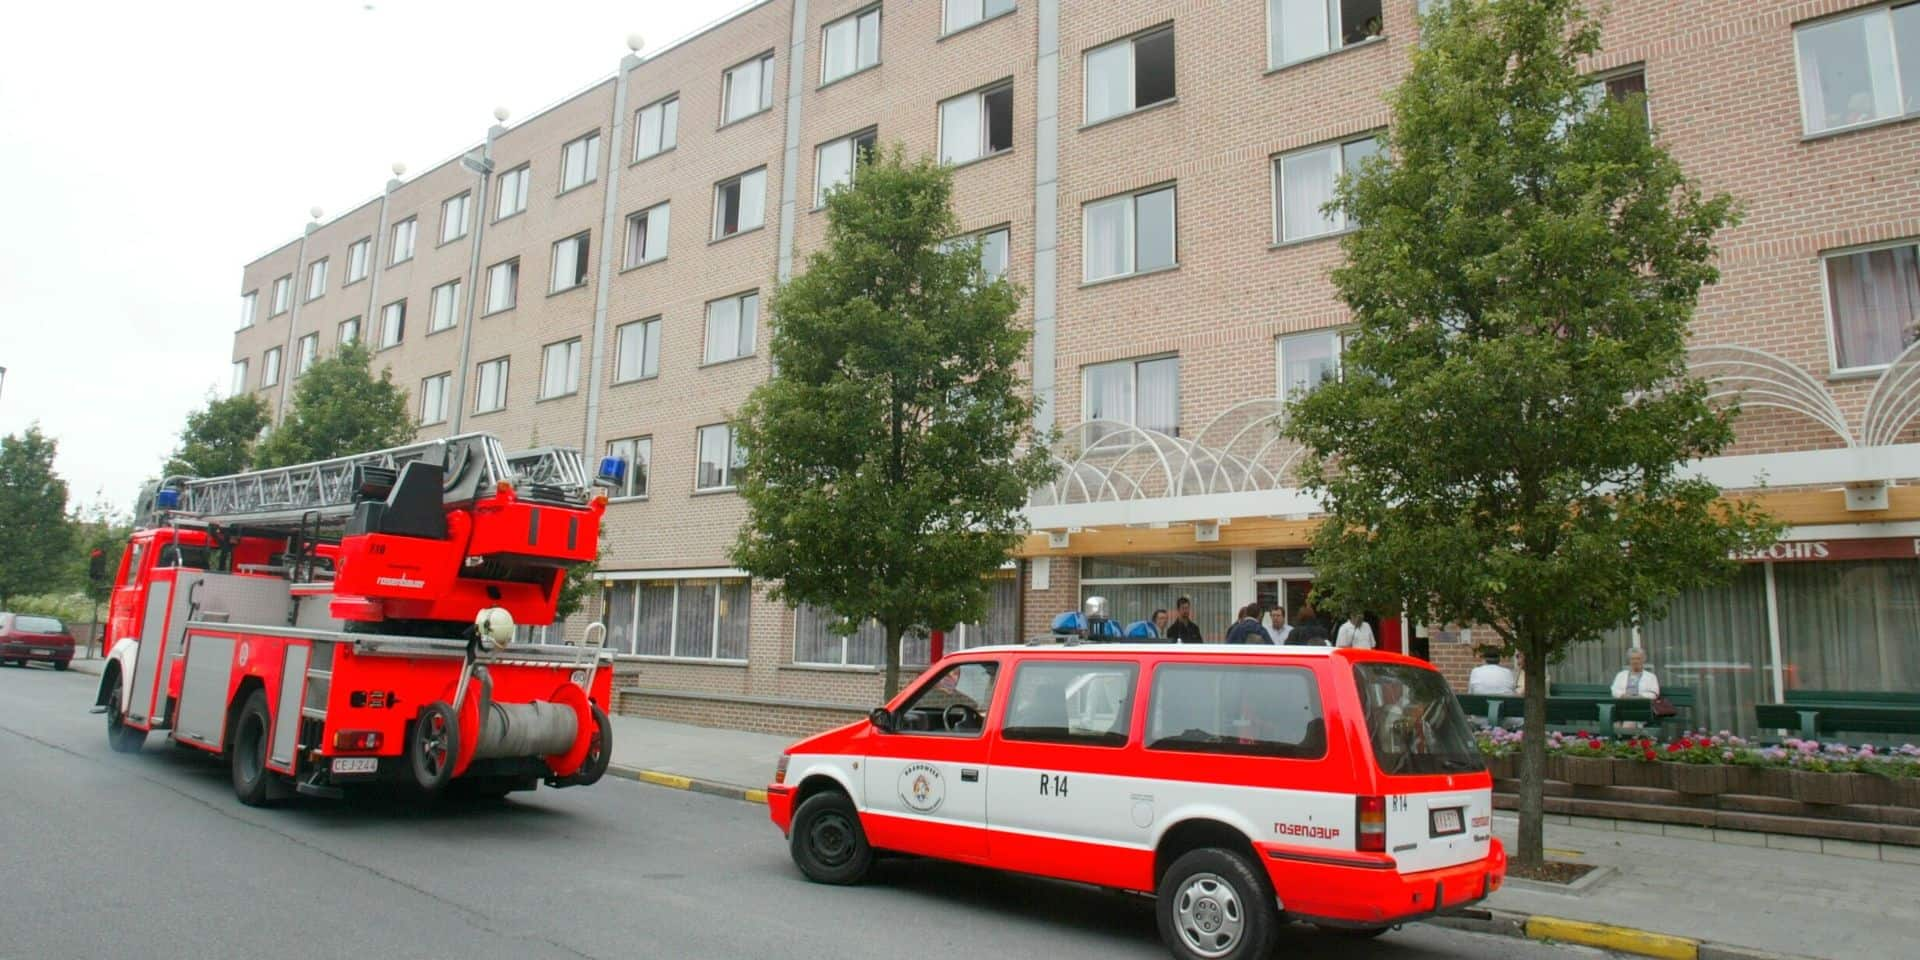 Mobilisation au home Sebrechts menacé de fermeture à Molenbeek